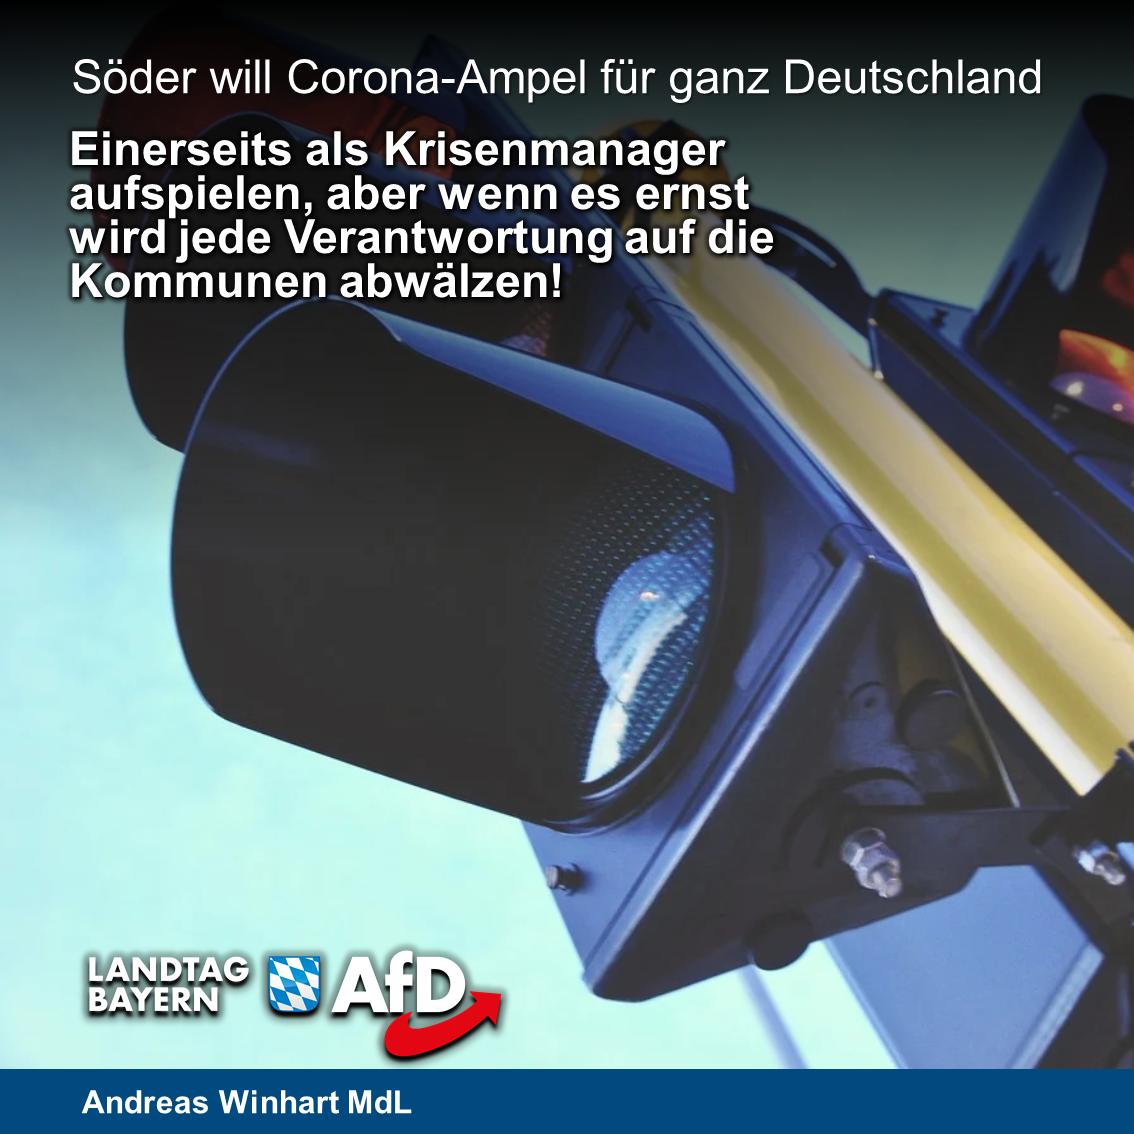 """Ausweitung von Söders """"Corona-Ampel"""" auf ganz Deutschland: AfD gegen sinnlose Freiheitsbeschränkungen und Abschiebung politischer Verantwortung auf Kommunen"""